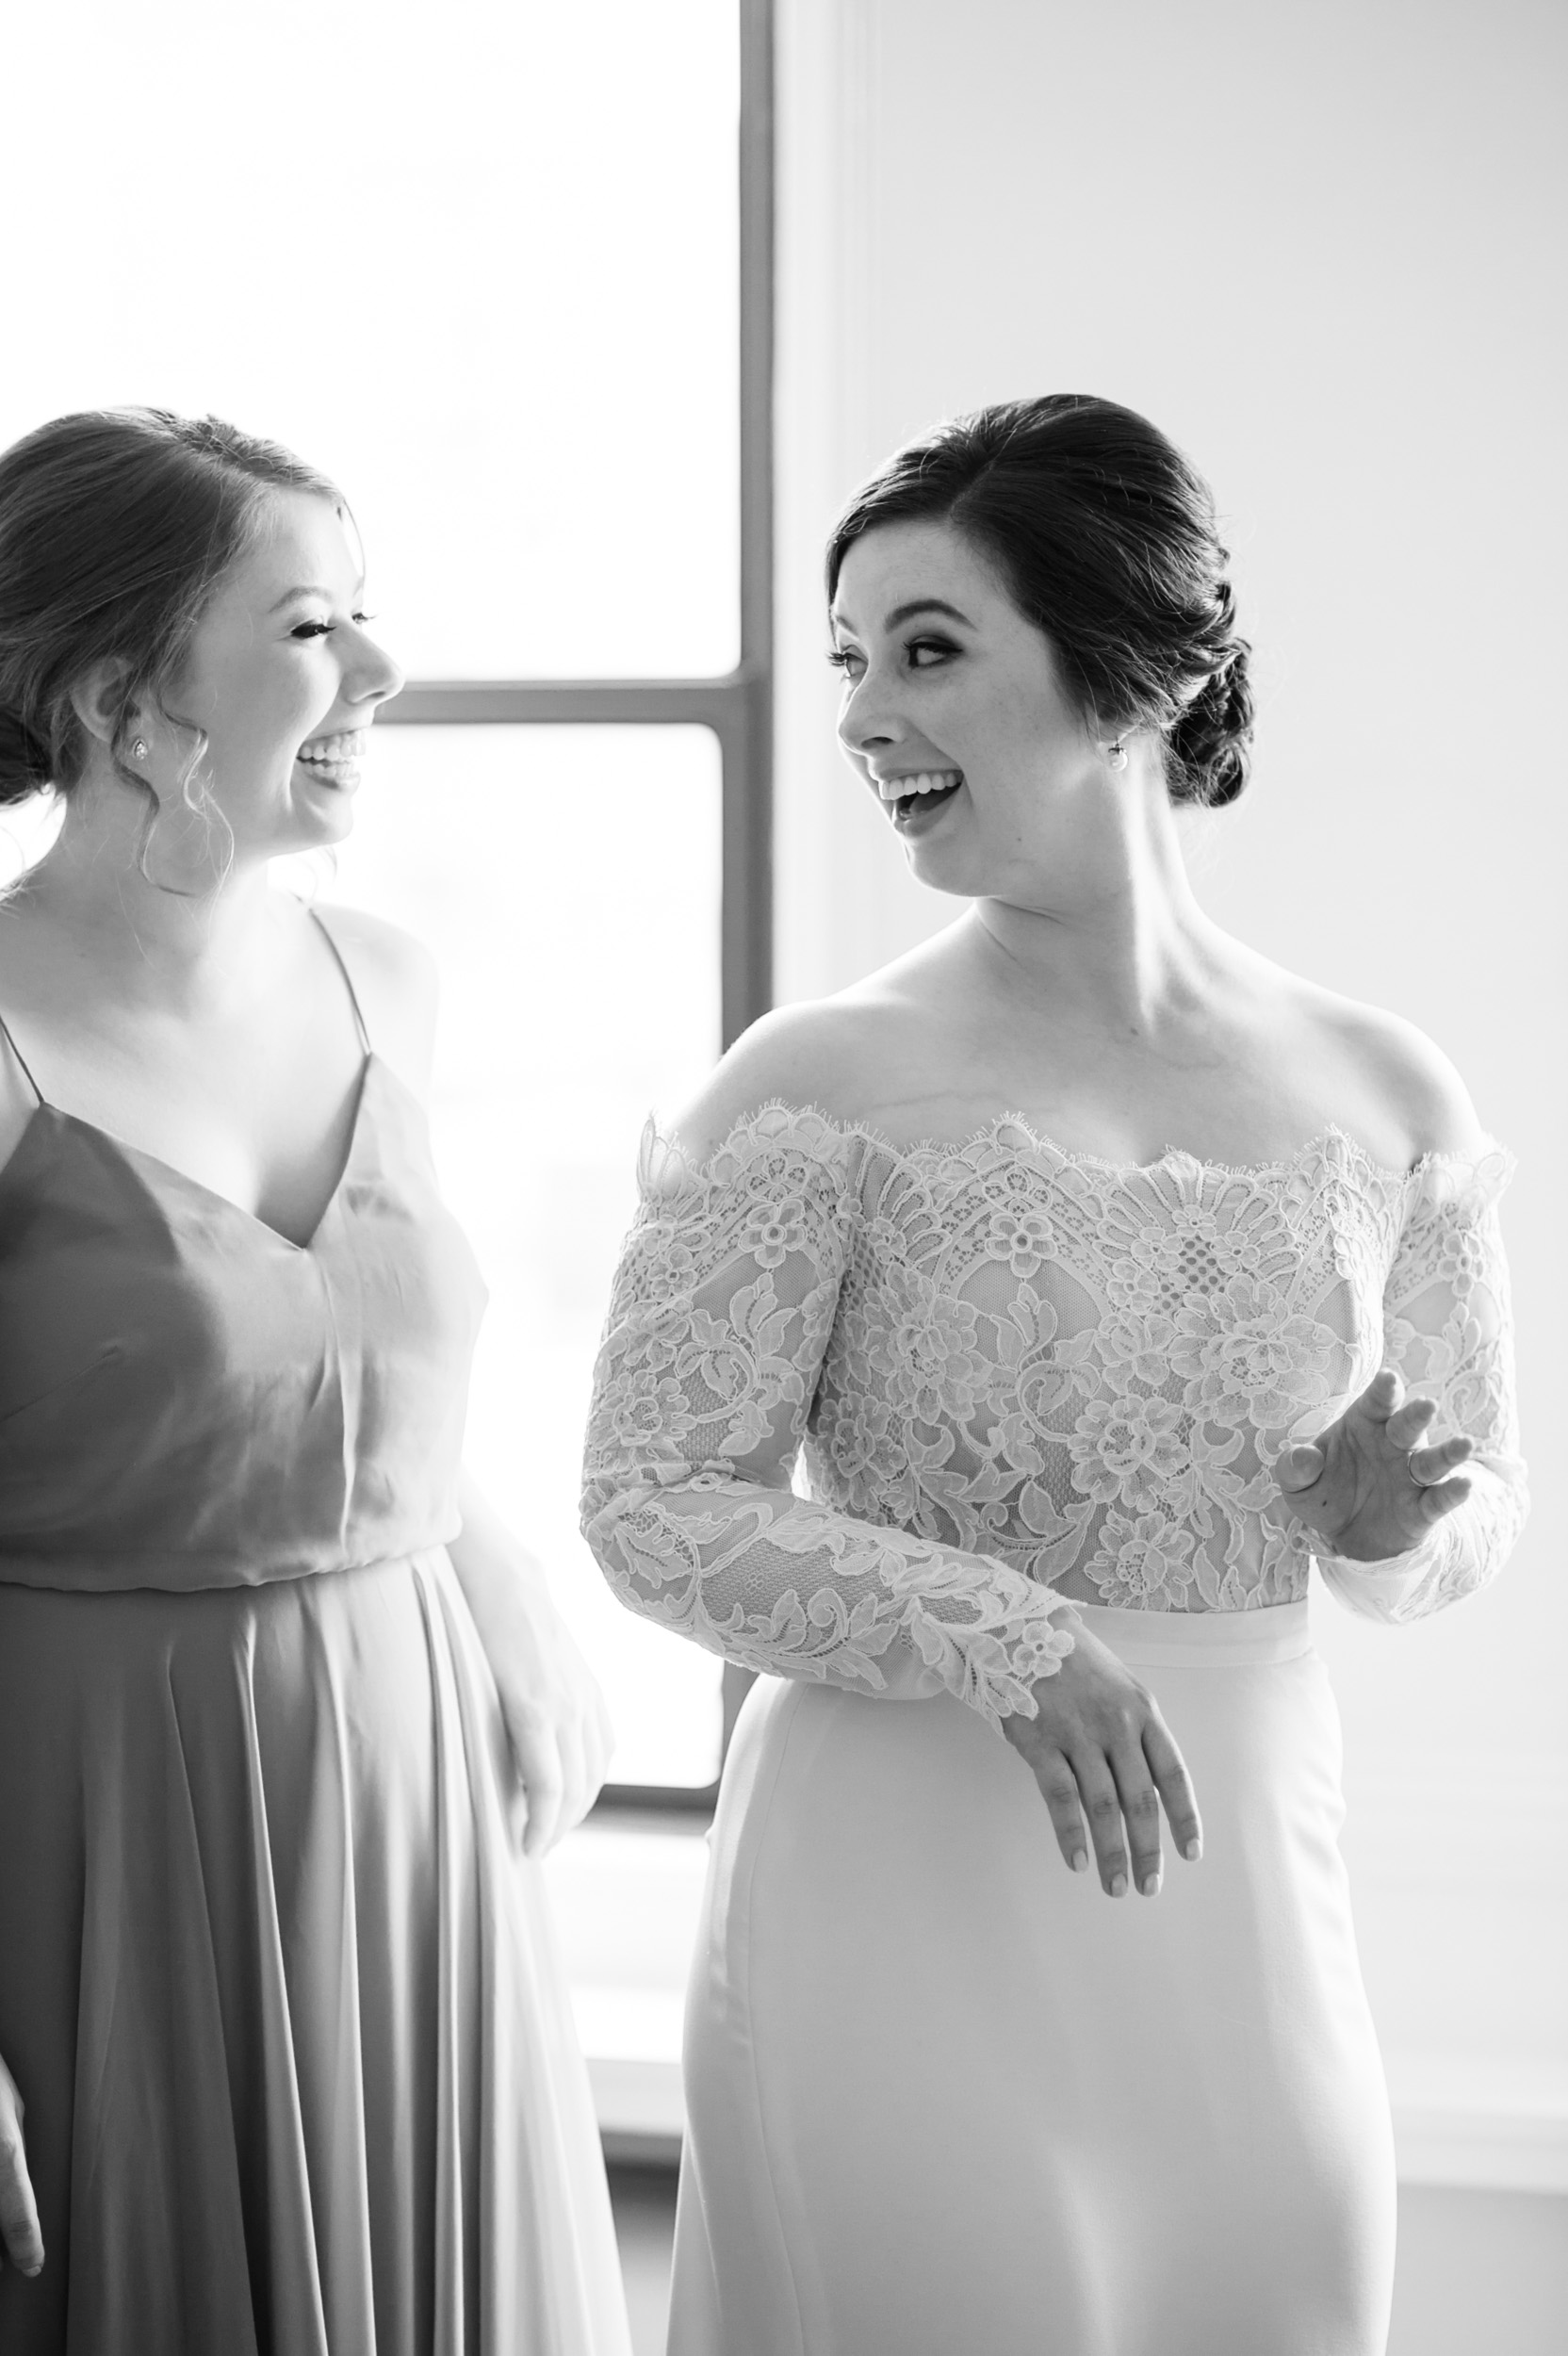 Documentary wedding photography at Public Hotel Chicago, Illinois